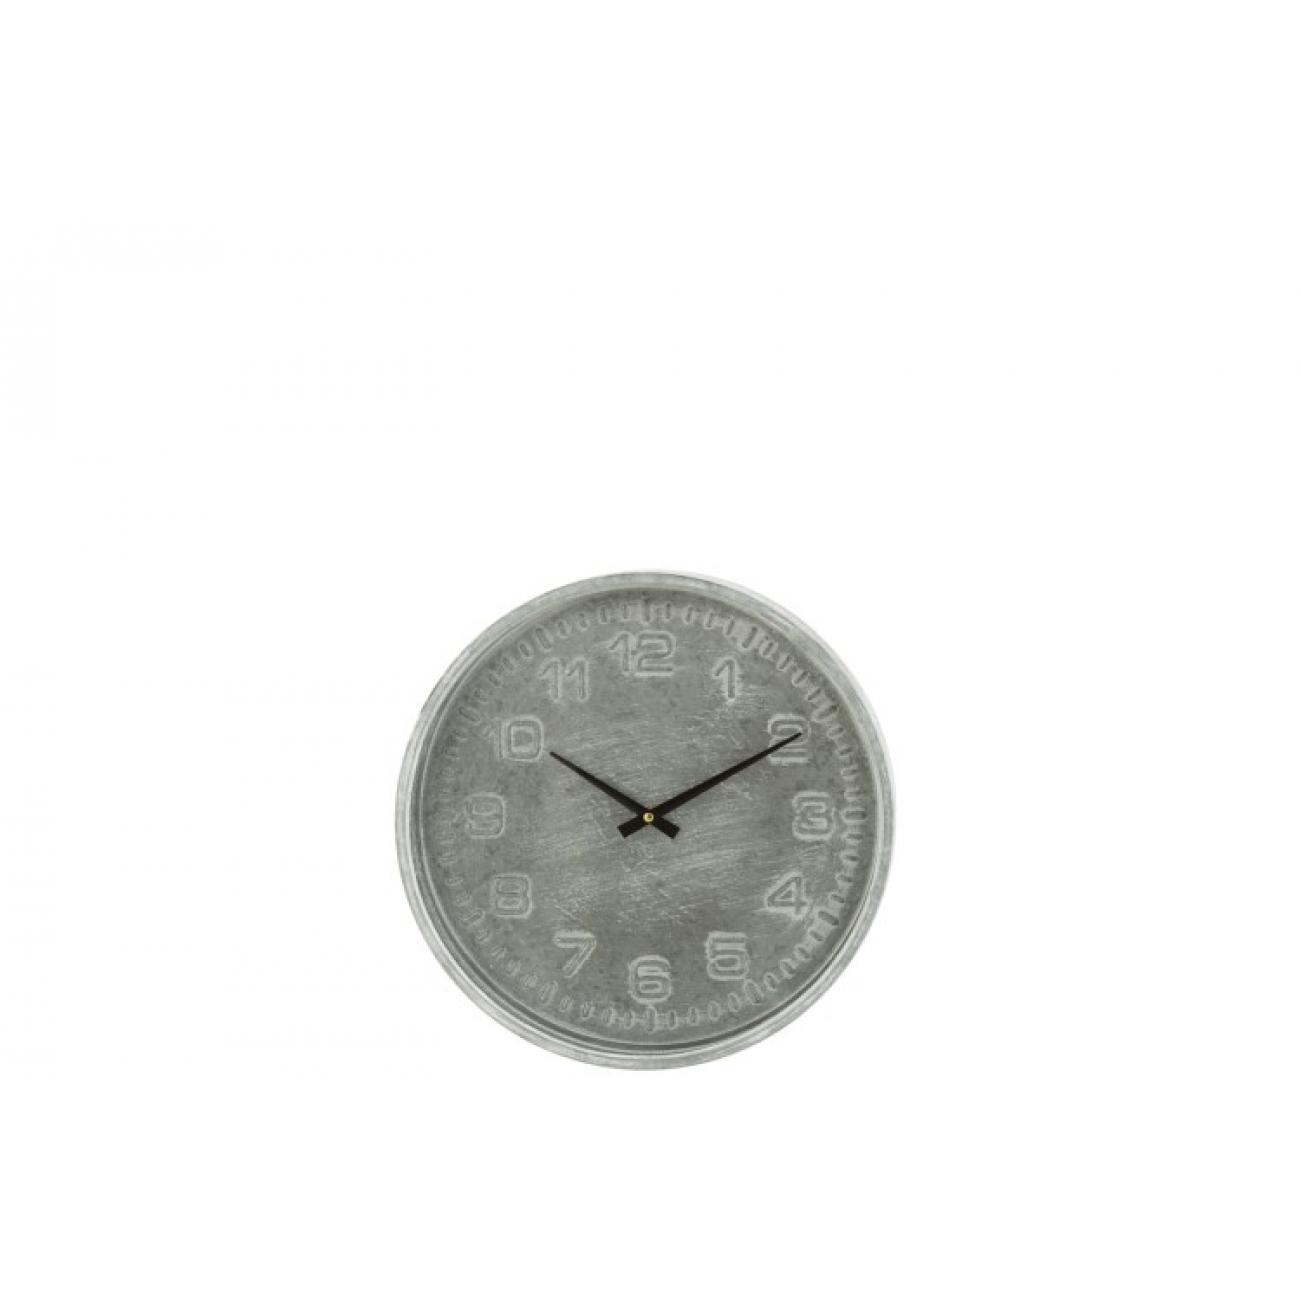 Настенные часы J-LINE круглые в металлическом корпусе диаметр 39 см